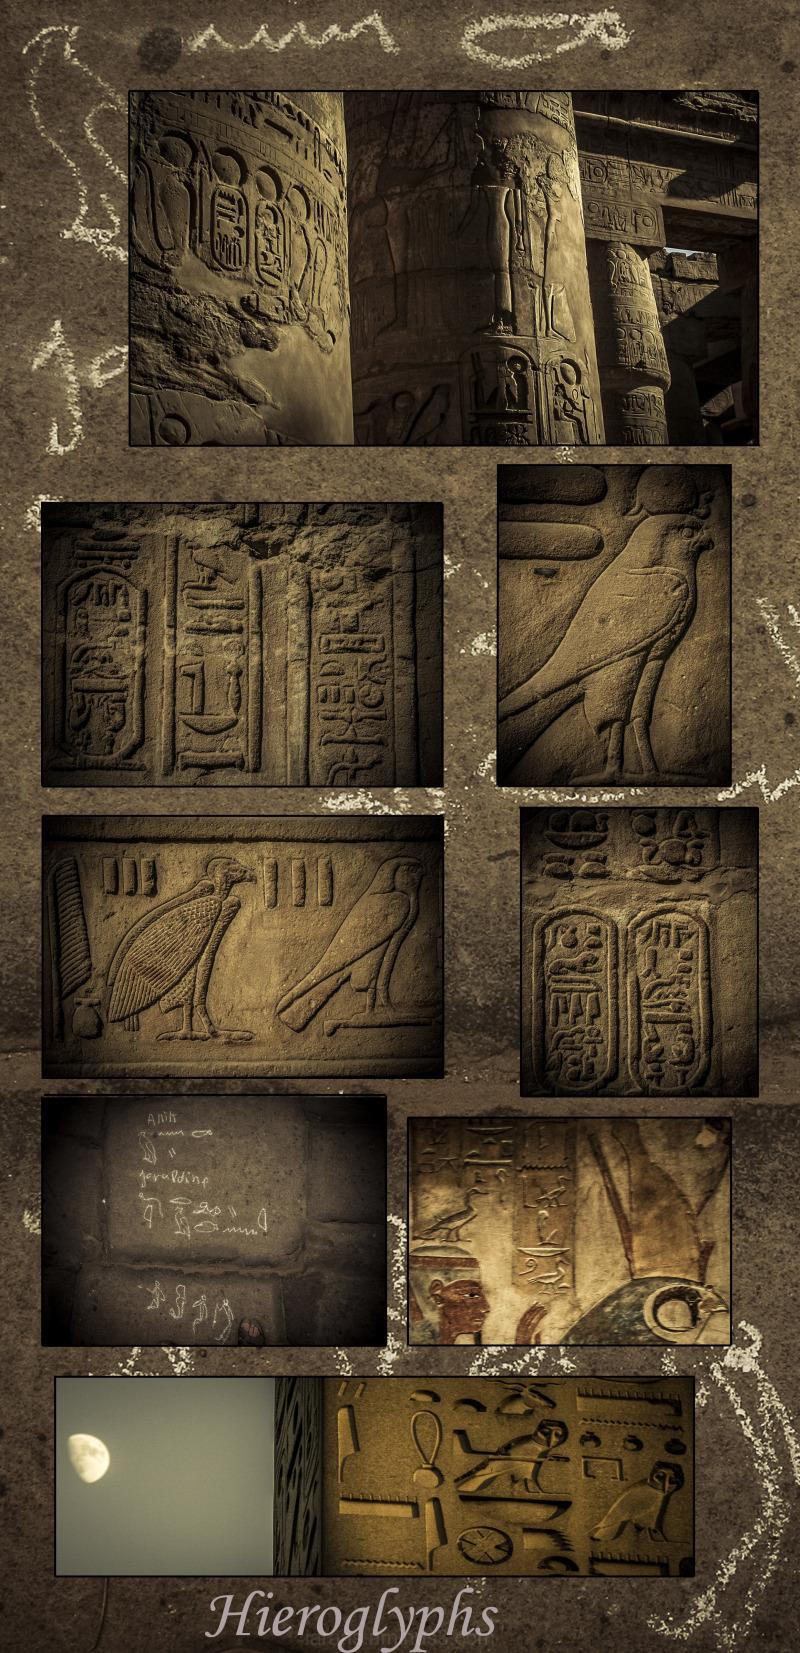 ...hieroglyphs...